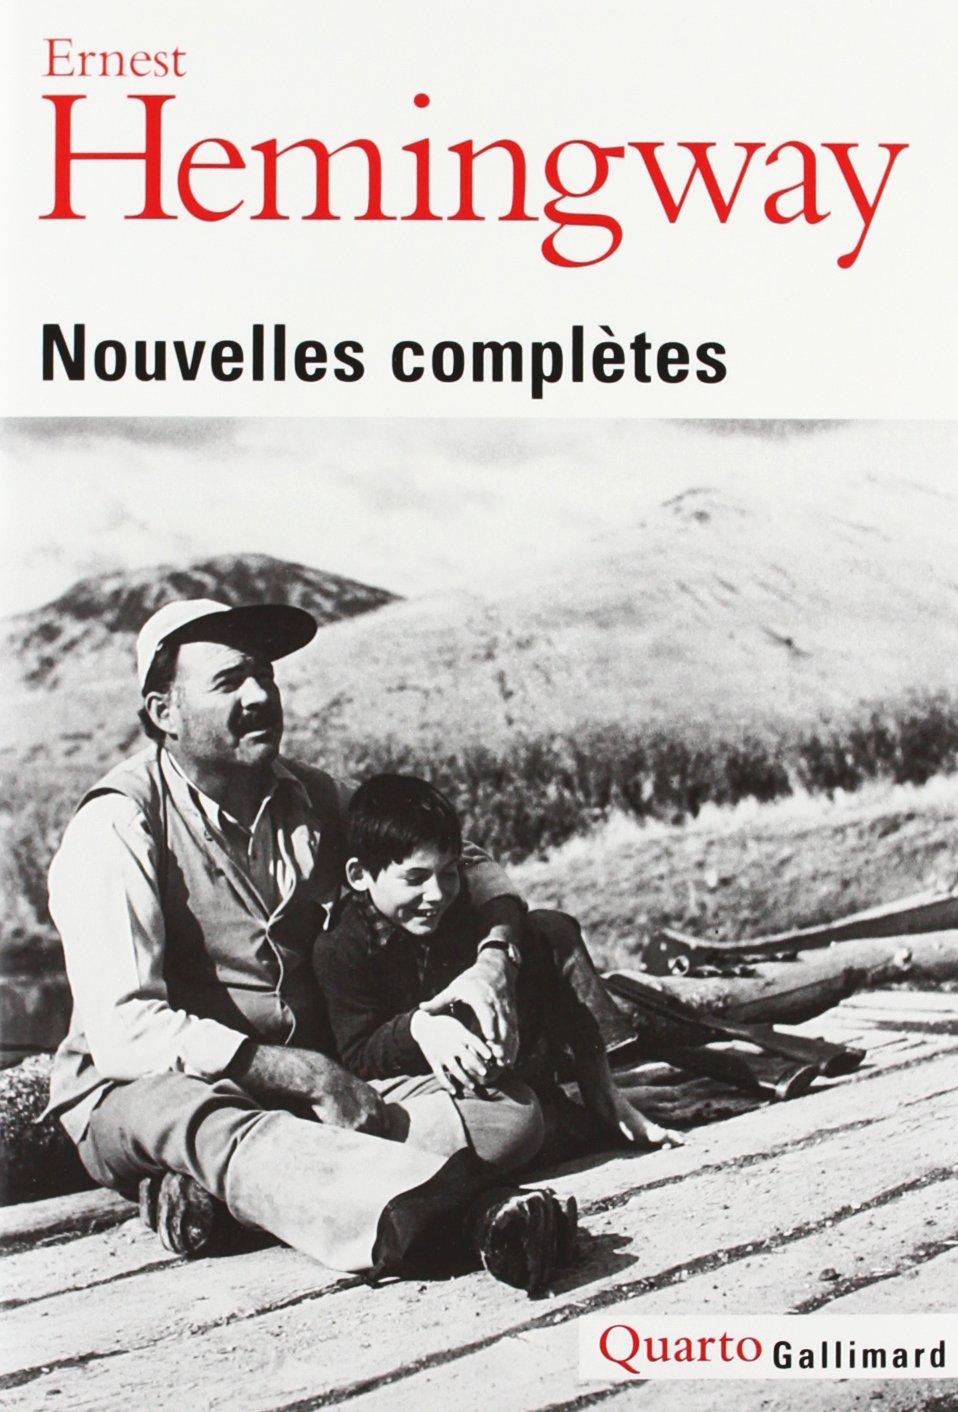 Livres d'Hemingway - Nouvelles complètes